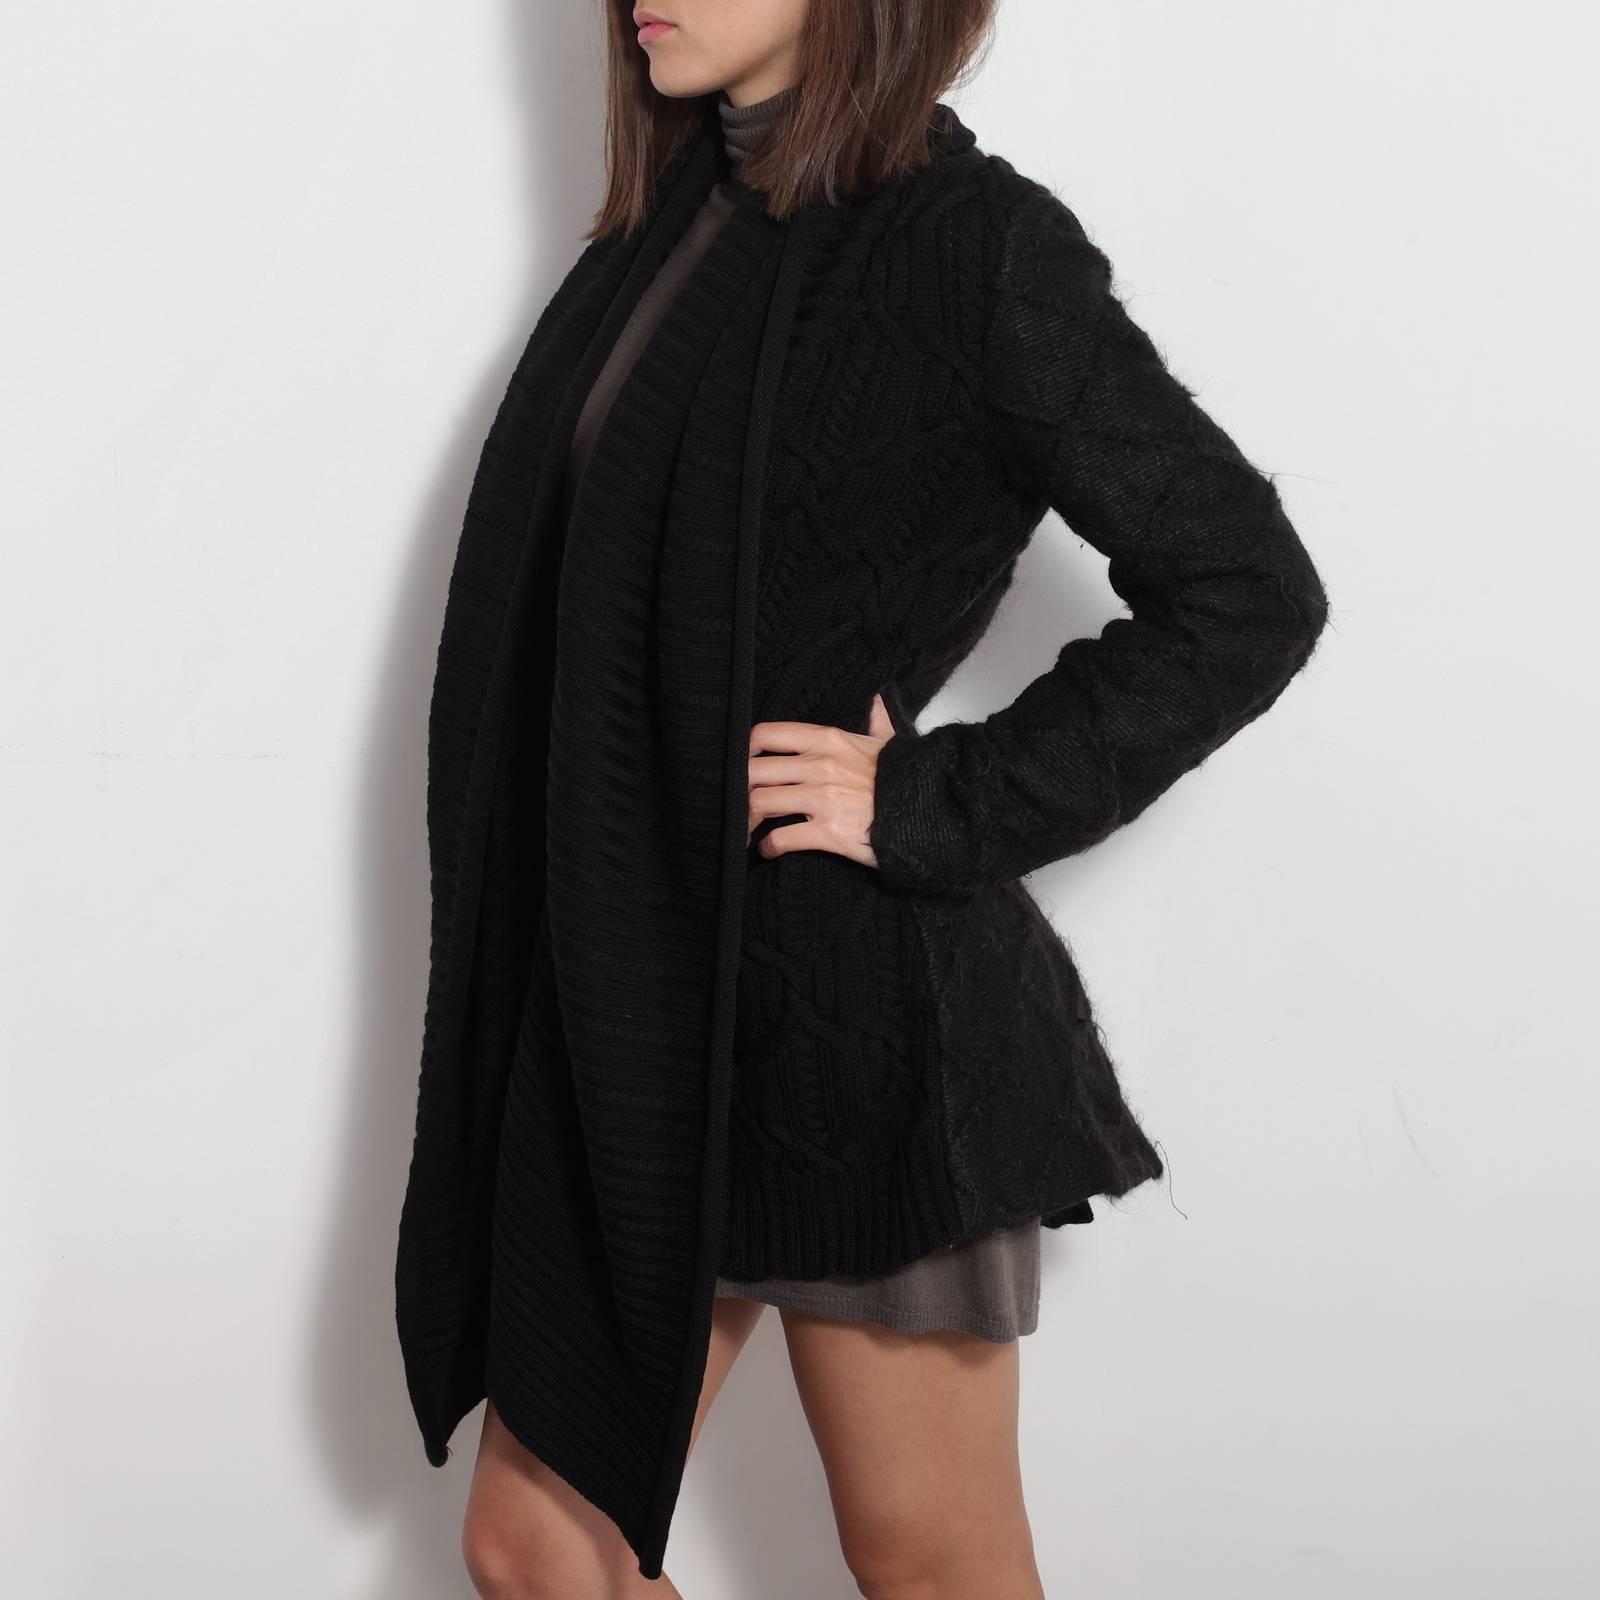 Купить пальто Christian Dior в Москве с доставкой по цене 4900 ... 18141f4fdee